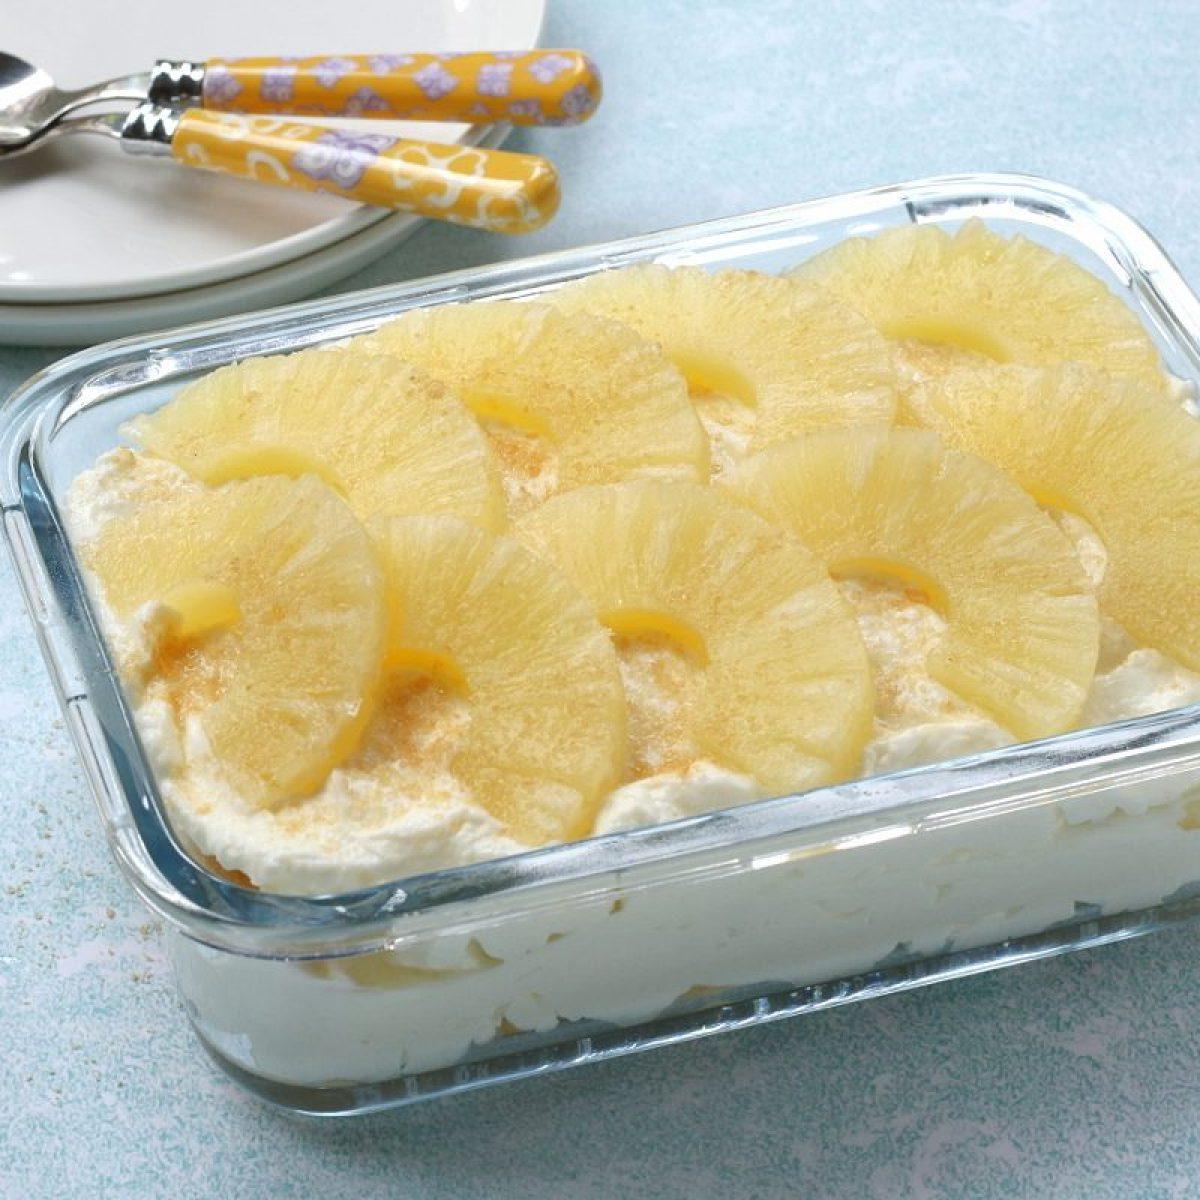 Ricetta Tiramisu Ananas Senza Uova.Tiramisu All Ananas La Ricetta Del Dessert Cremoso E Rinfrescante